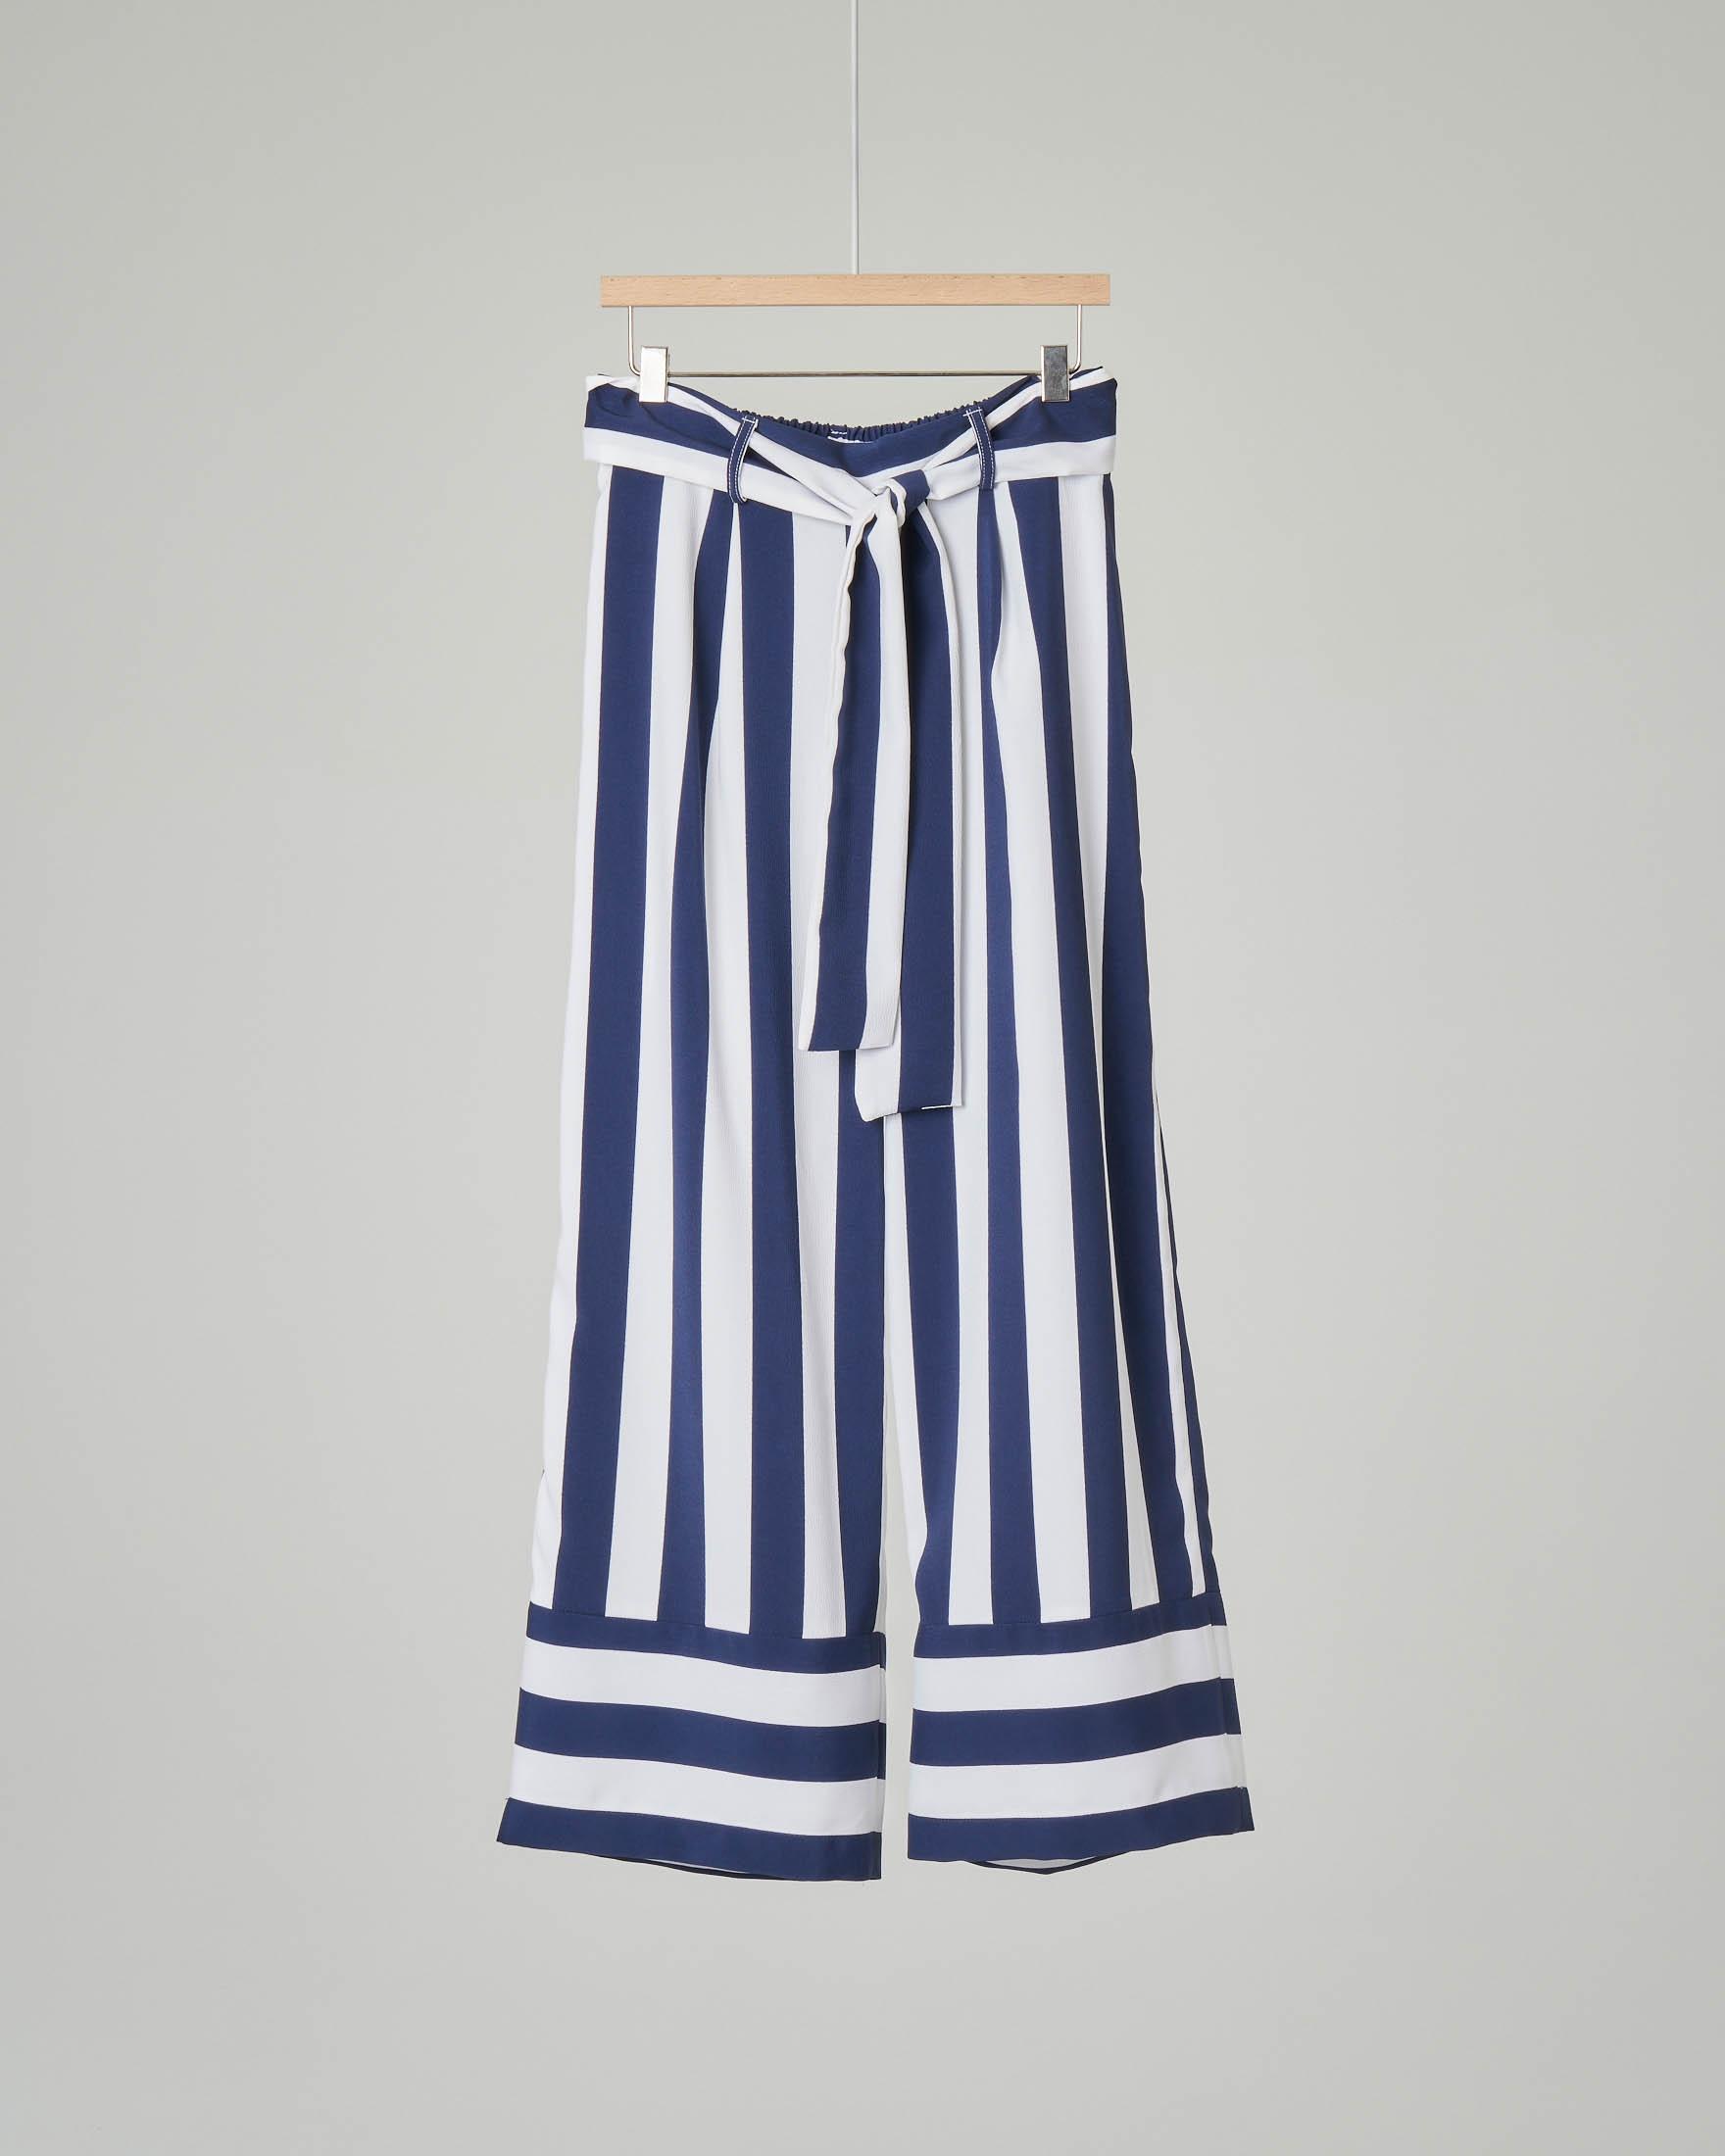 a147f205b6c2 Pantalone palazzo a riga bianca e blu taglia 36-38 | Pellizzari E ...